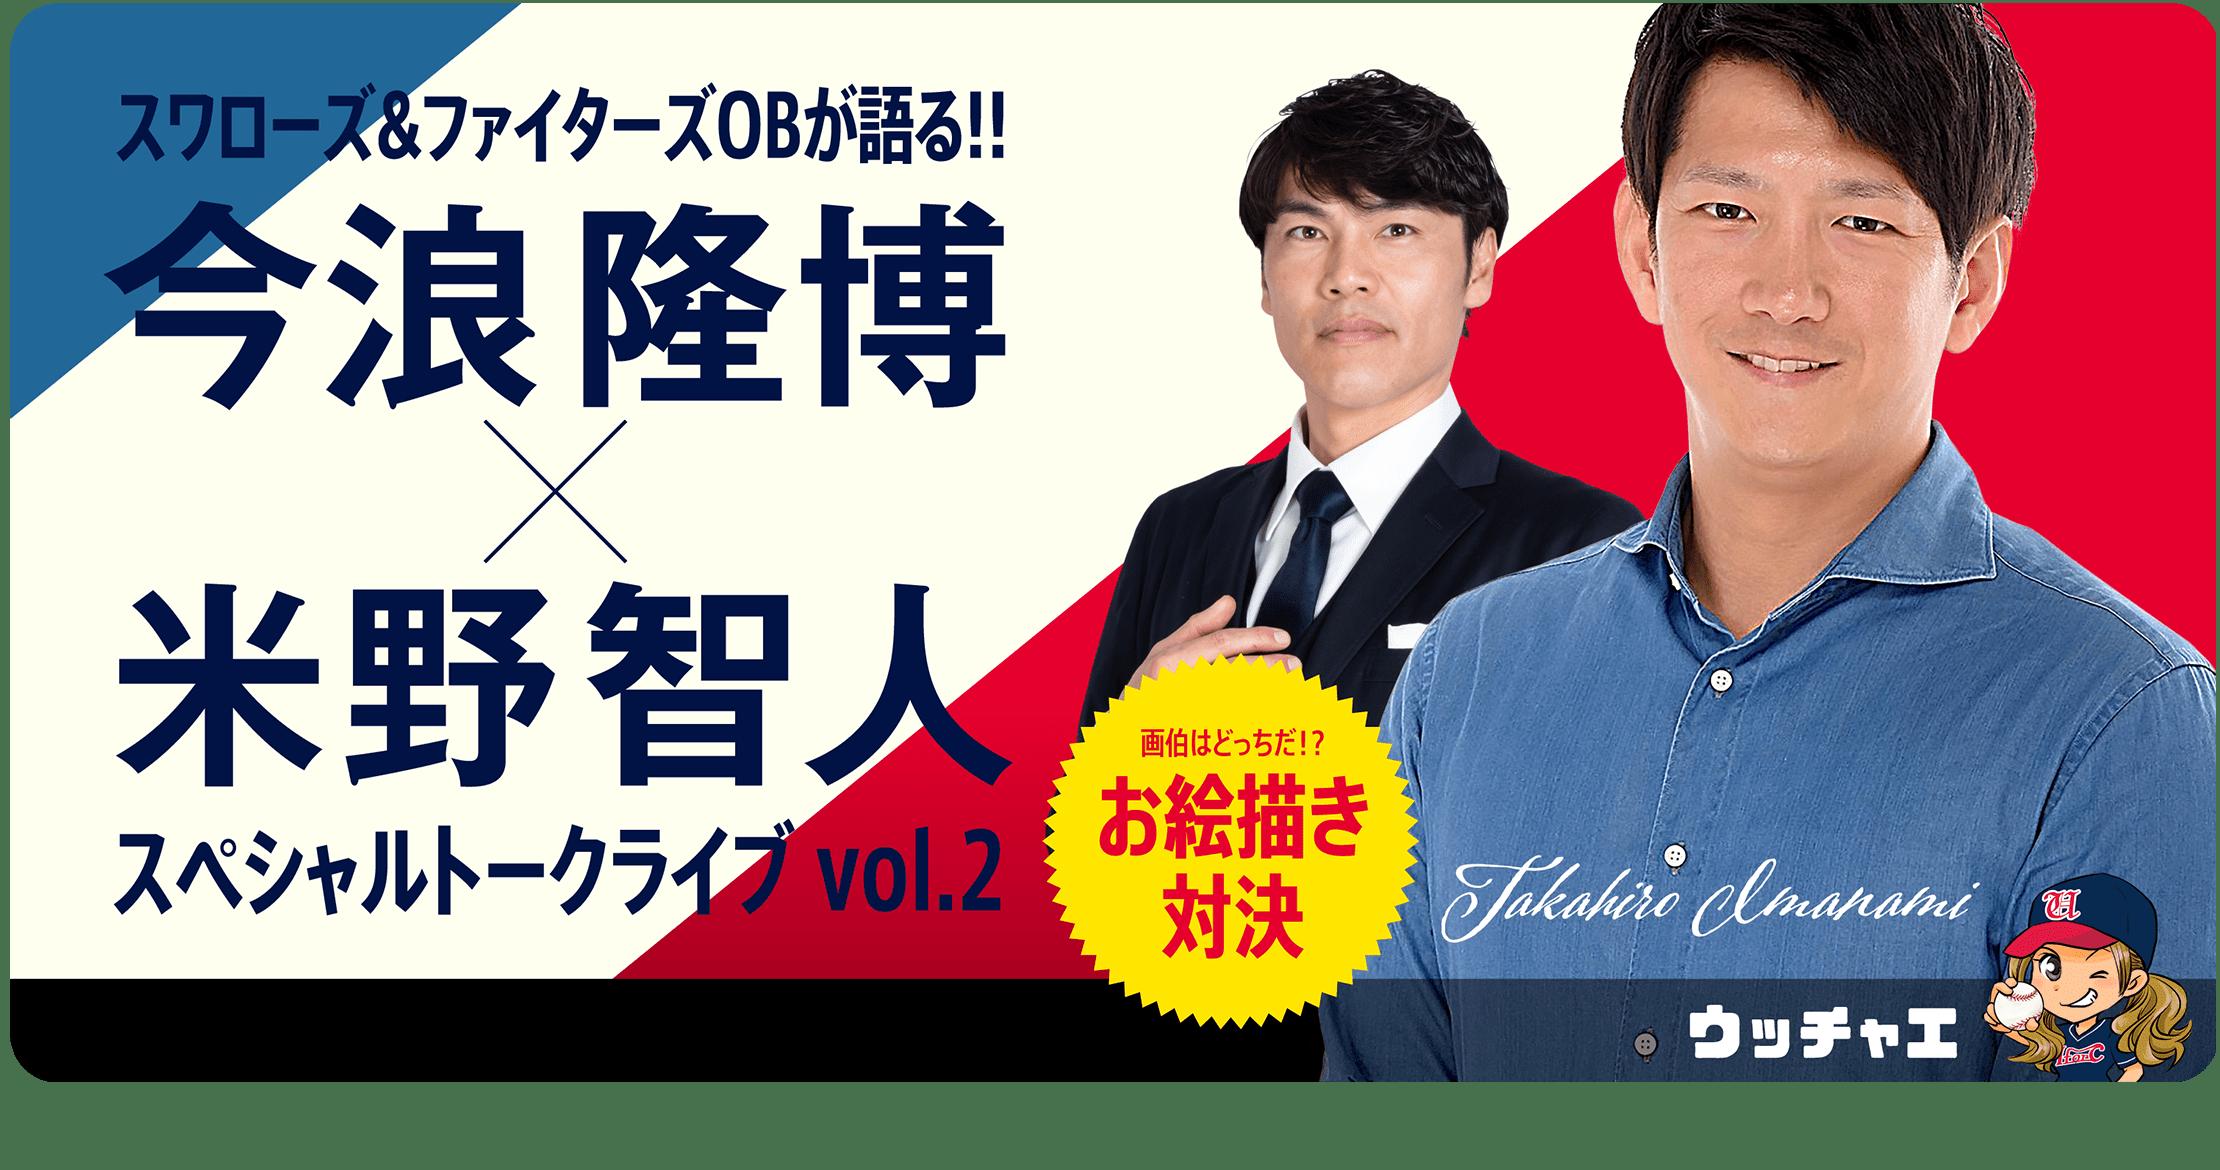 スワローズ&ファイターズOBが語る!今浪隆博×米野智人 スペシャルトークライブ vol.2